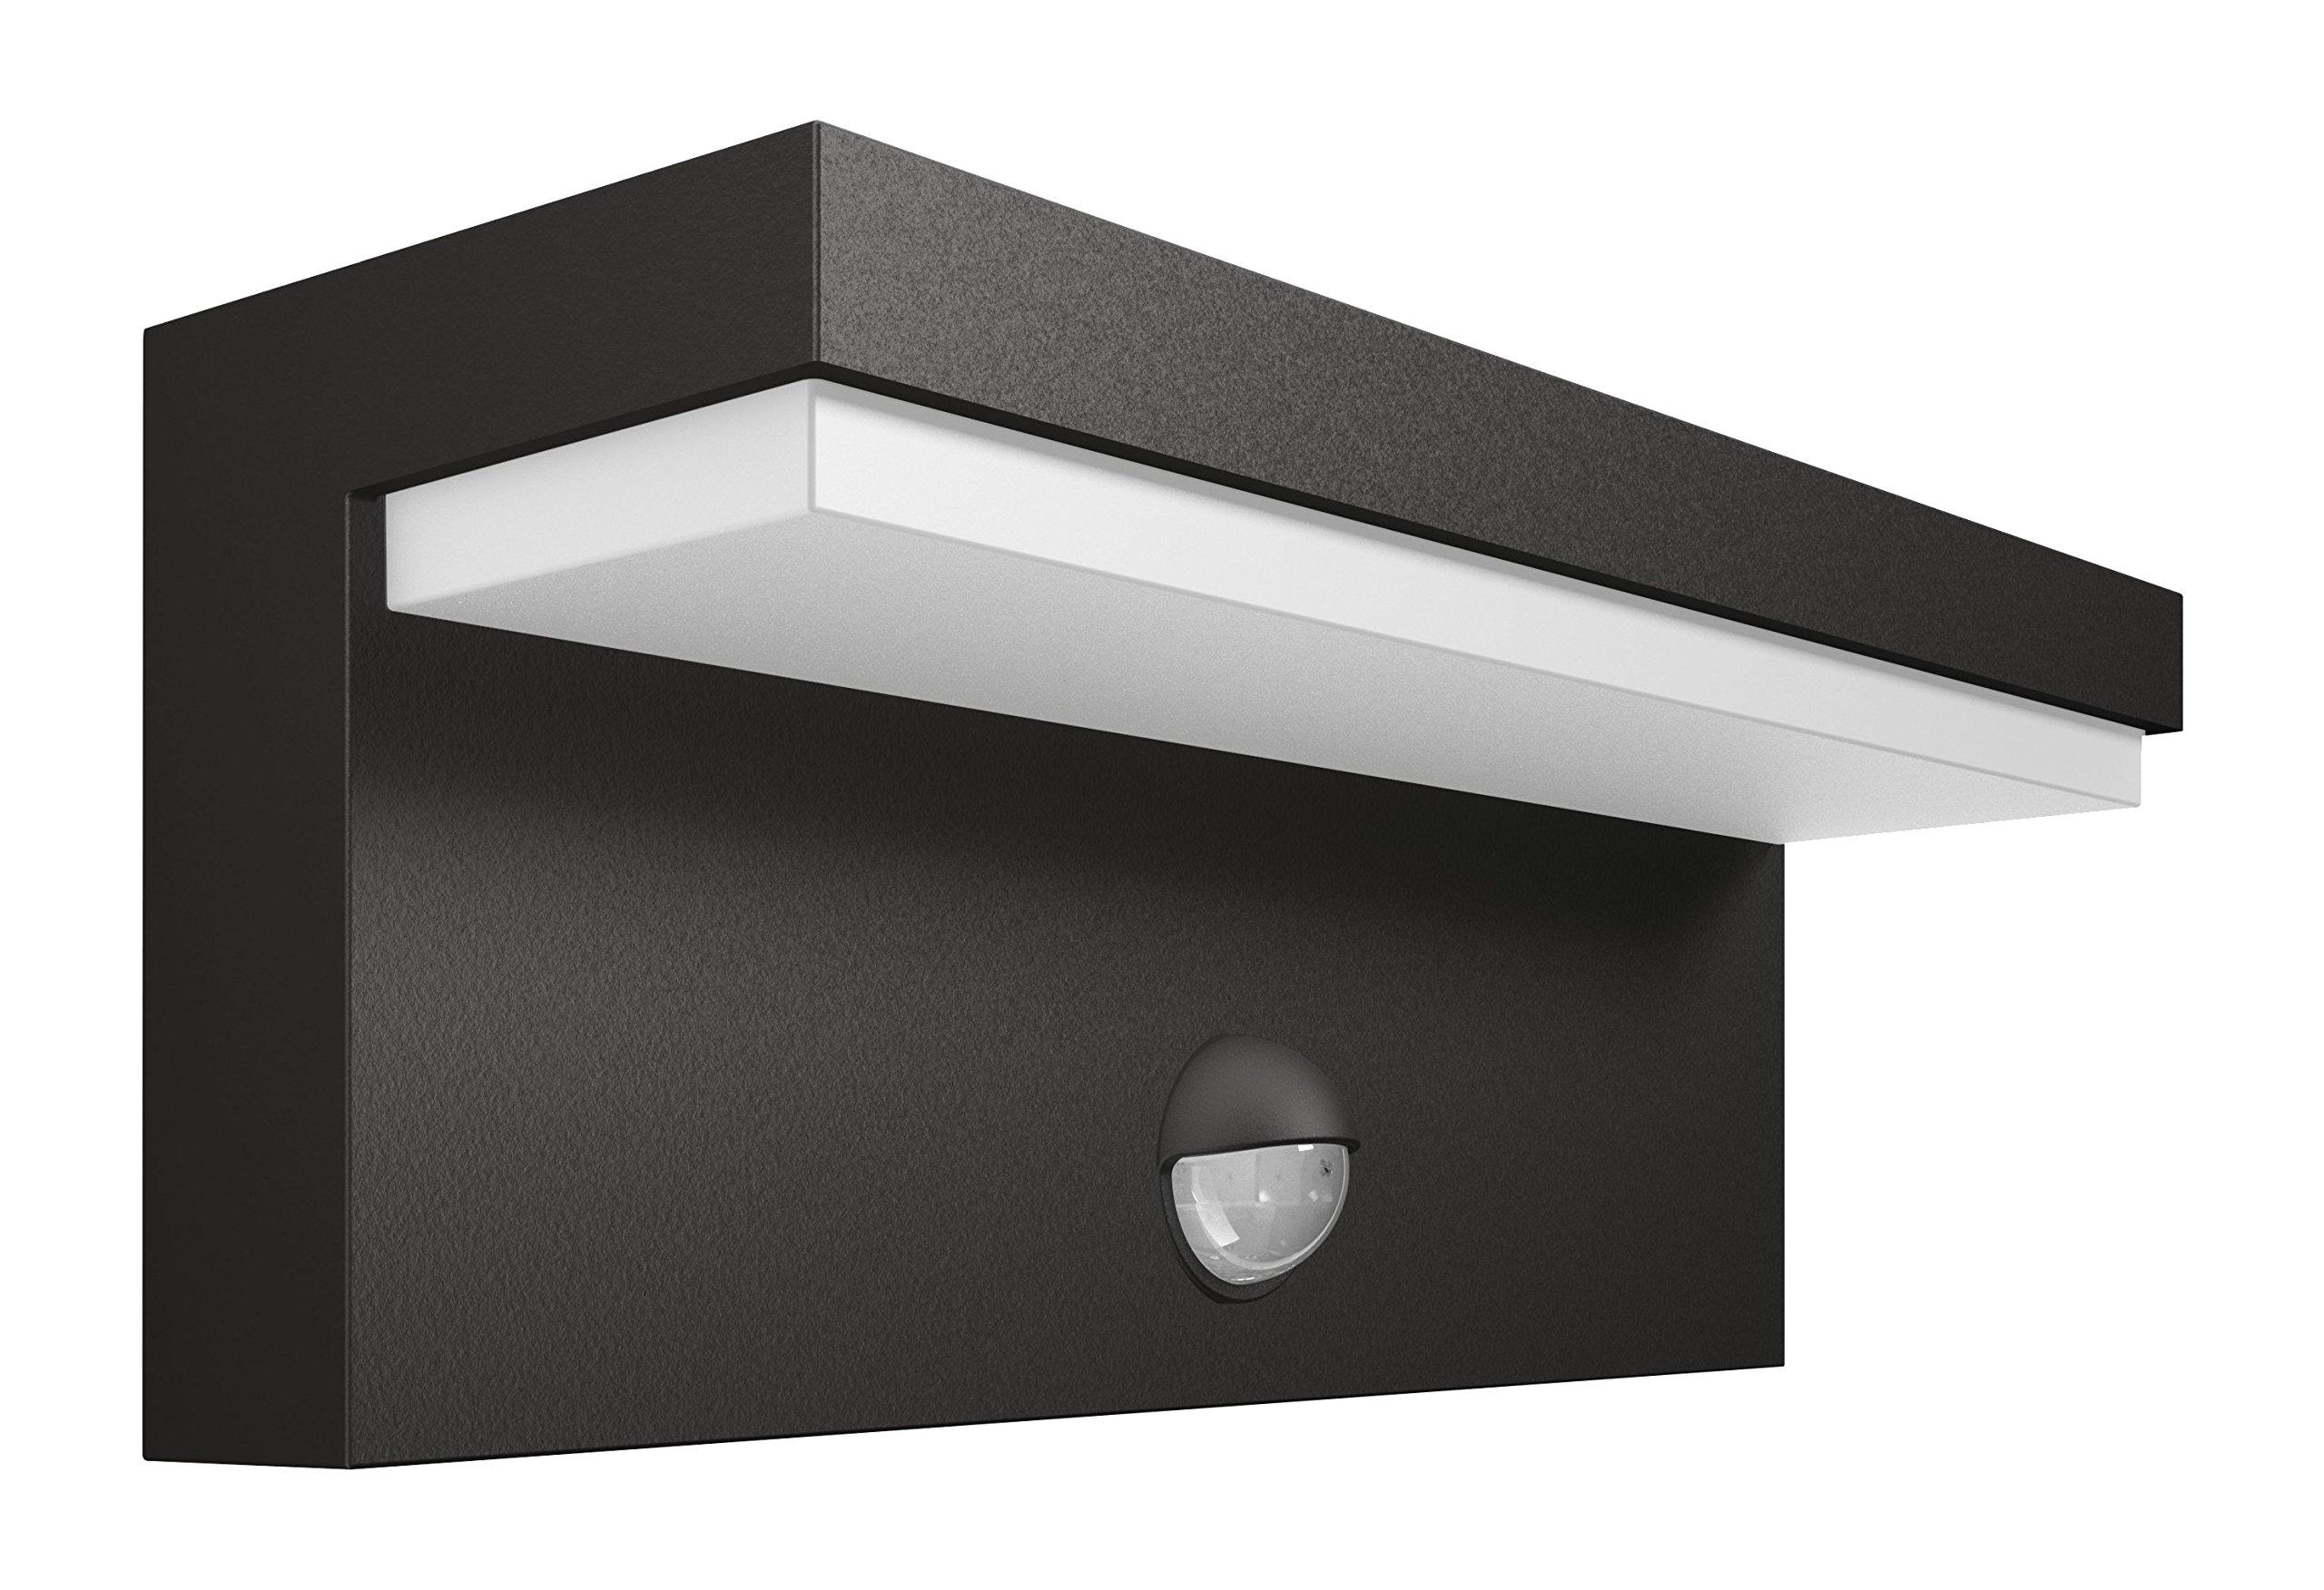 Plafoniere Per Esterno Con Sensore Di Movimento : Philips bustan lampada da parete esterno led con sensore di